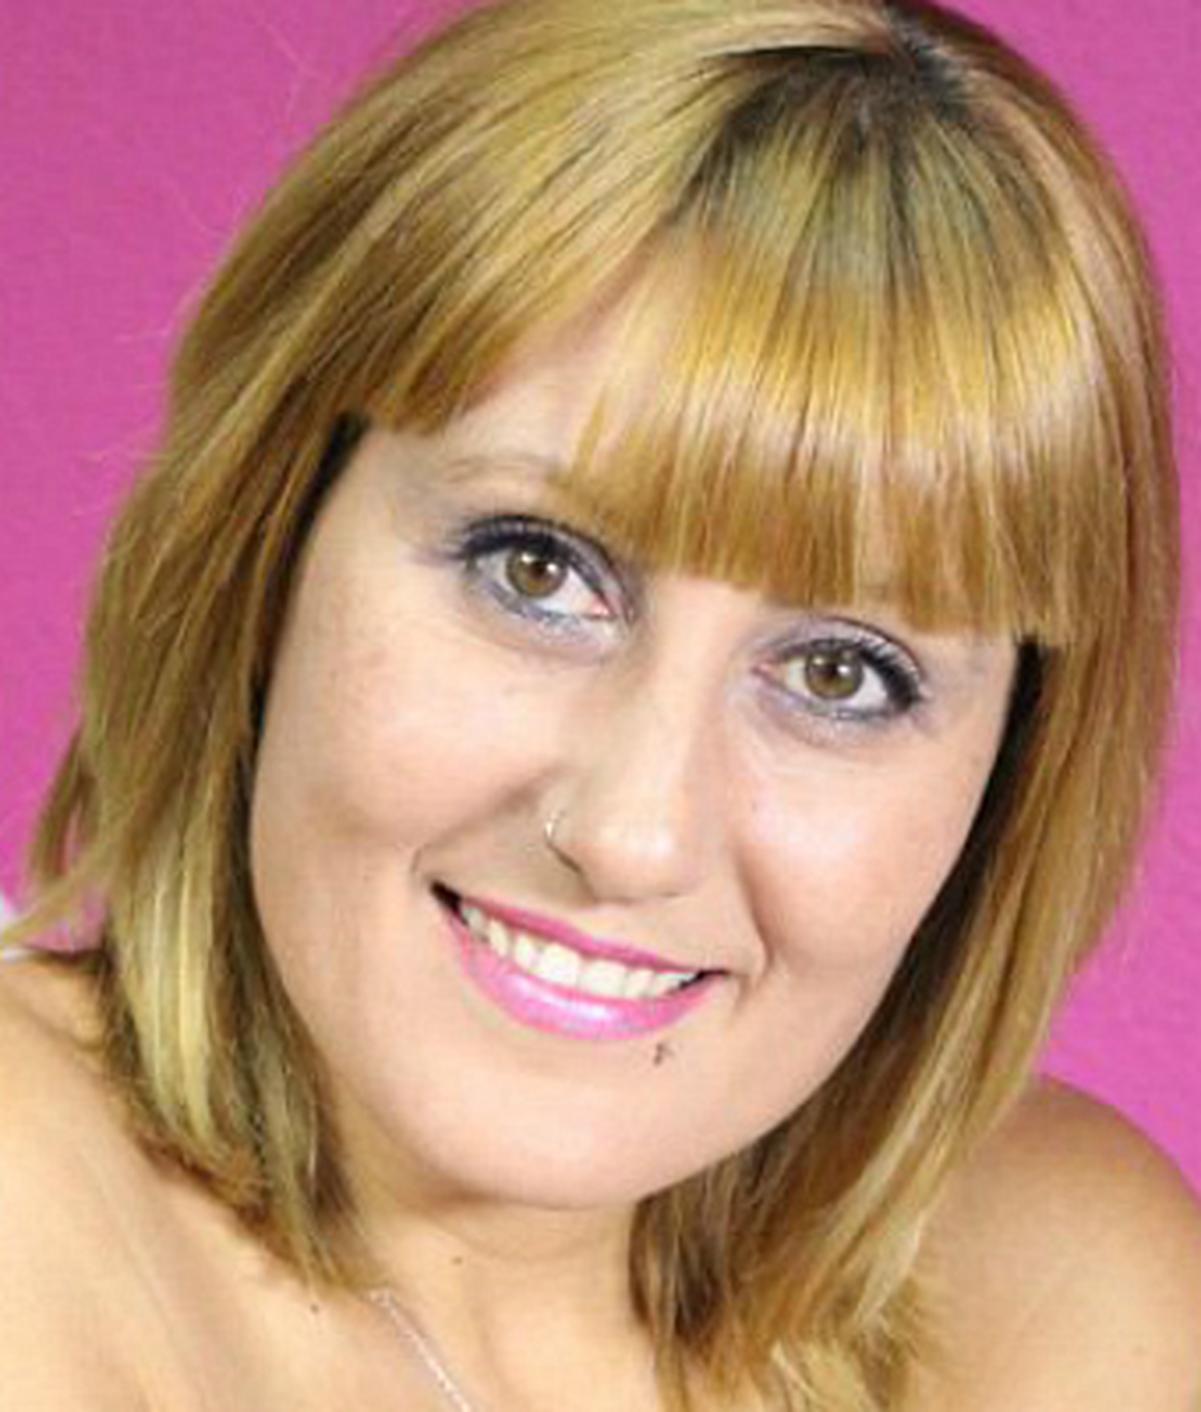 Nuria Madurita wiki, Nuria Madurita bio, Nuria Madurita news